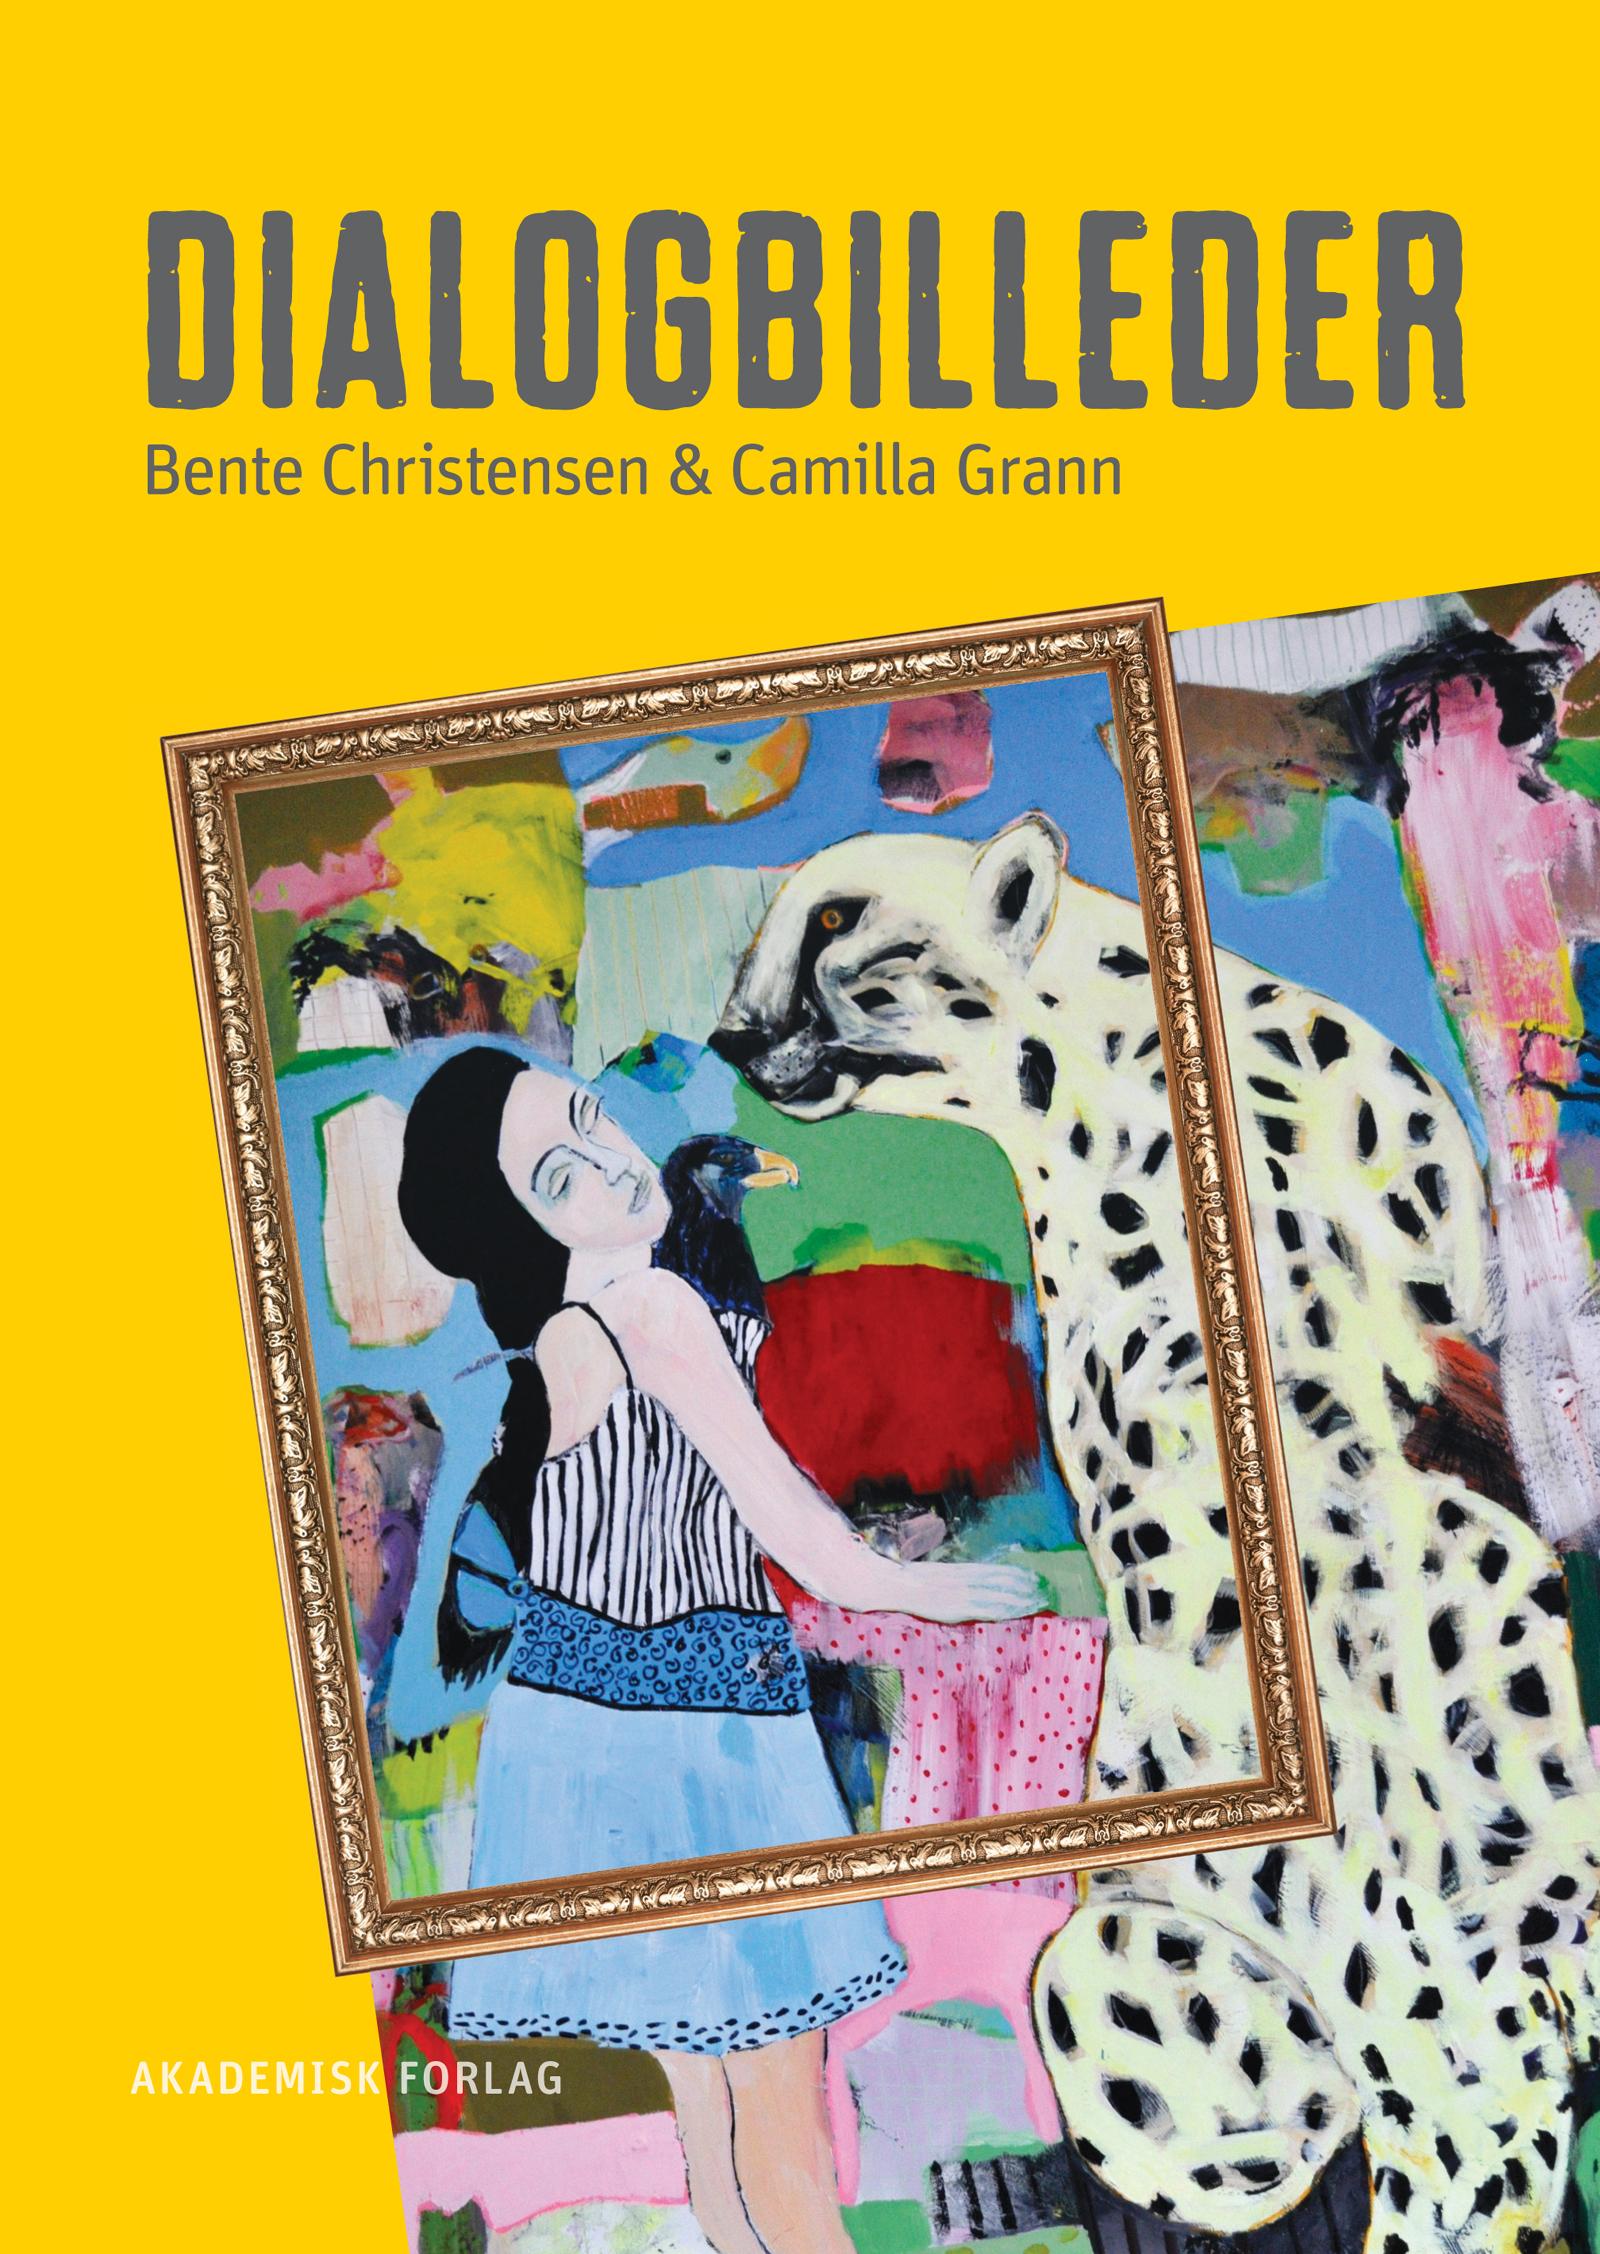 N/A Dialogbilleder - e-bog på bog & mystik